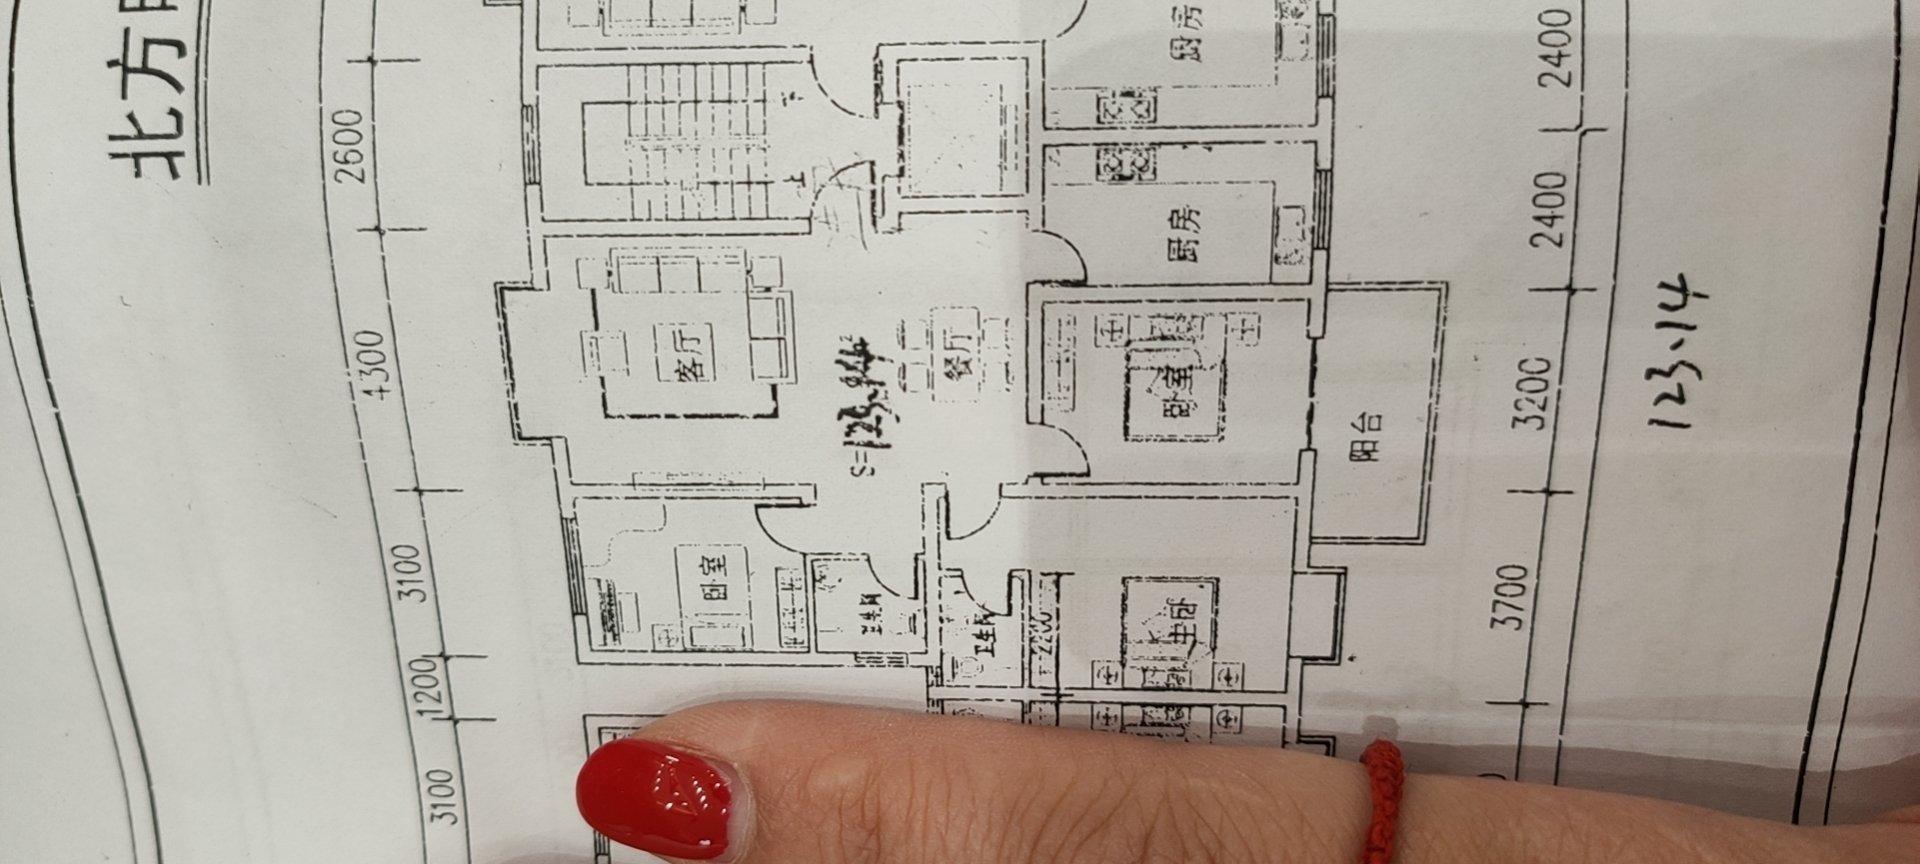 这种户型的房子好吗?入户没有独立玄关,怎样设计装修?套内面积108平